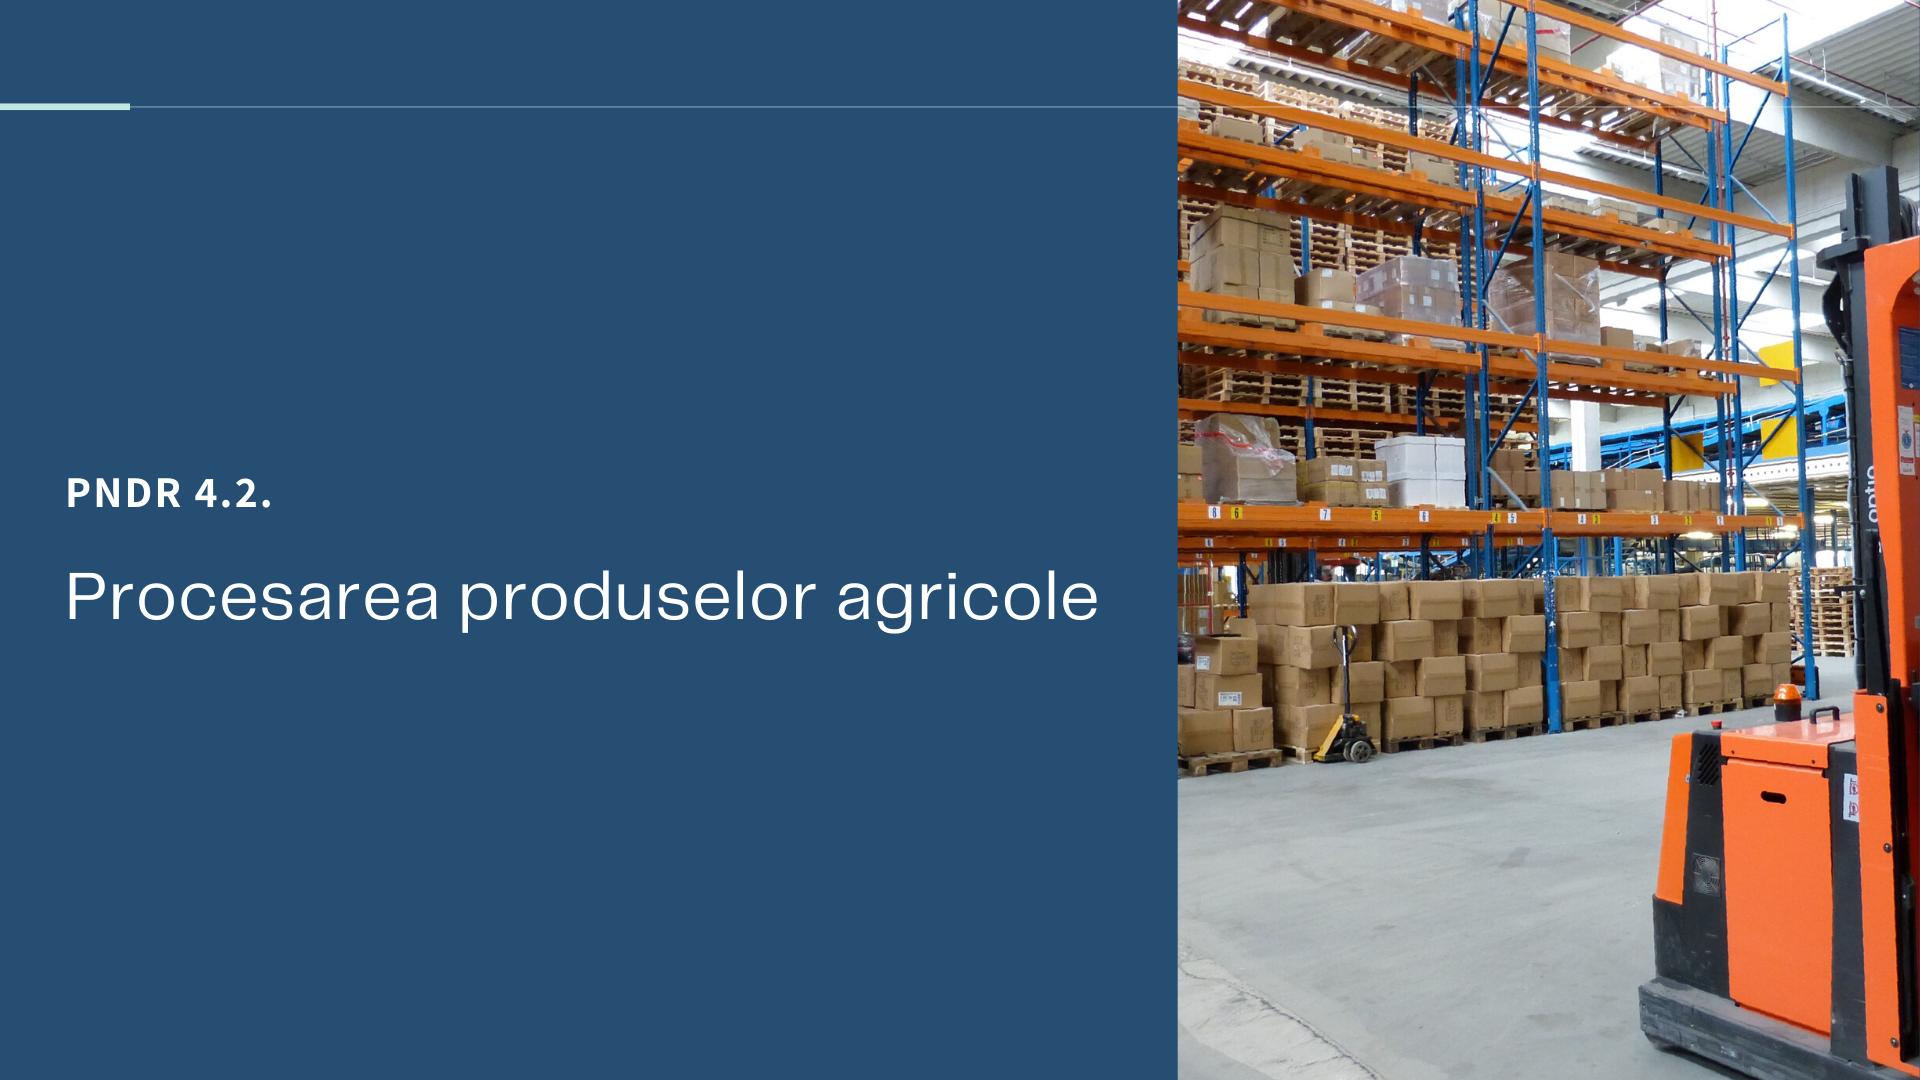 PNDR 4.2. Procesarea produselor agricole